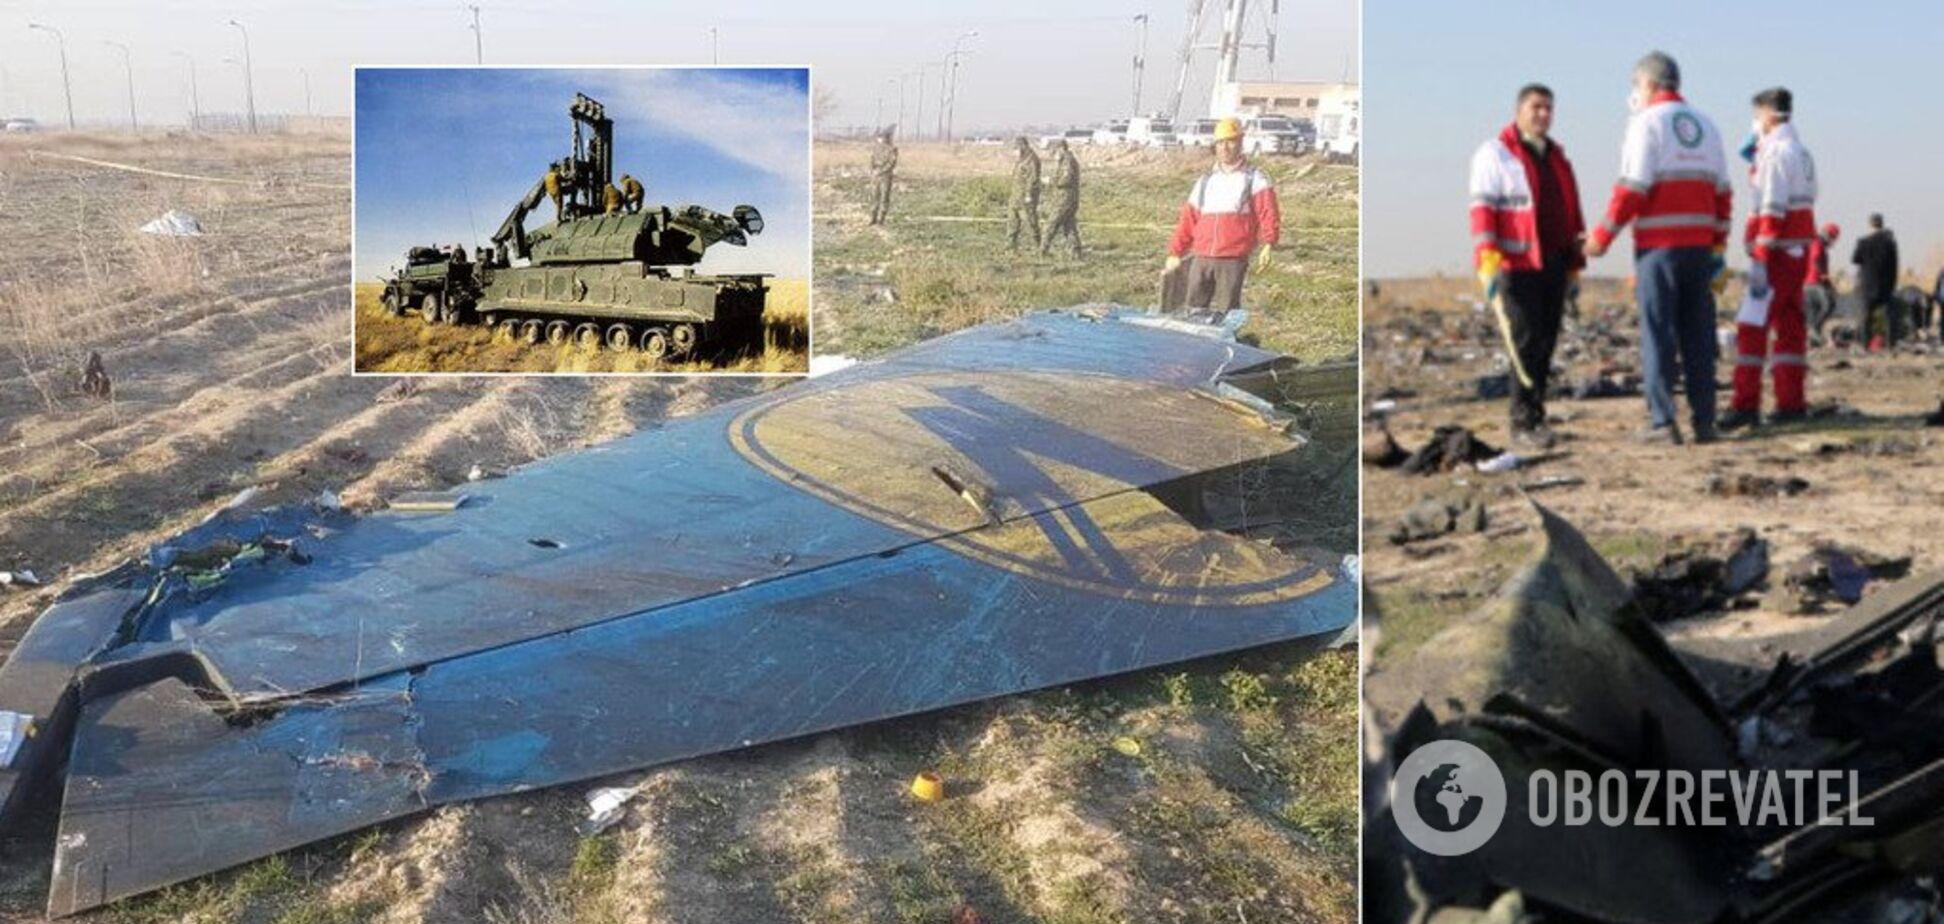 Іран зізнався, що випадково збив літак МАУ: Україна відреагувала